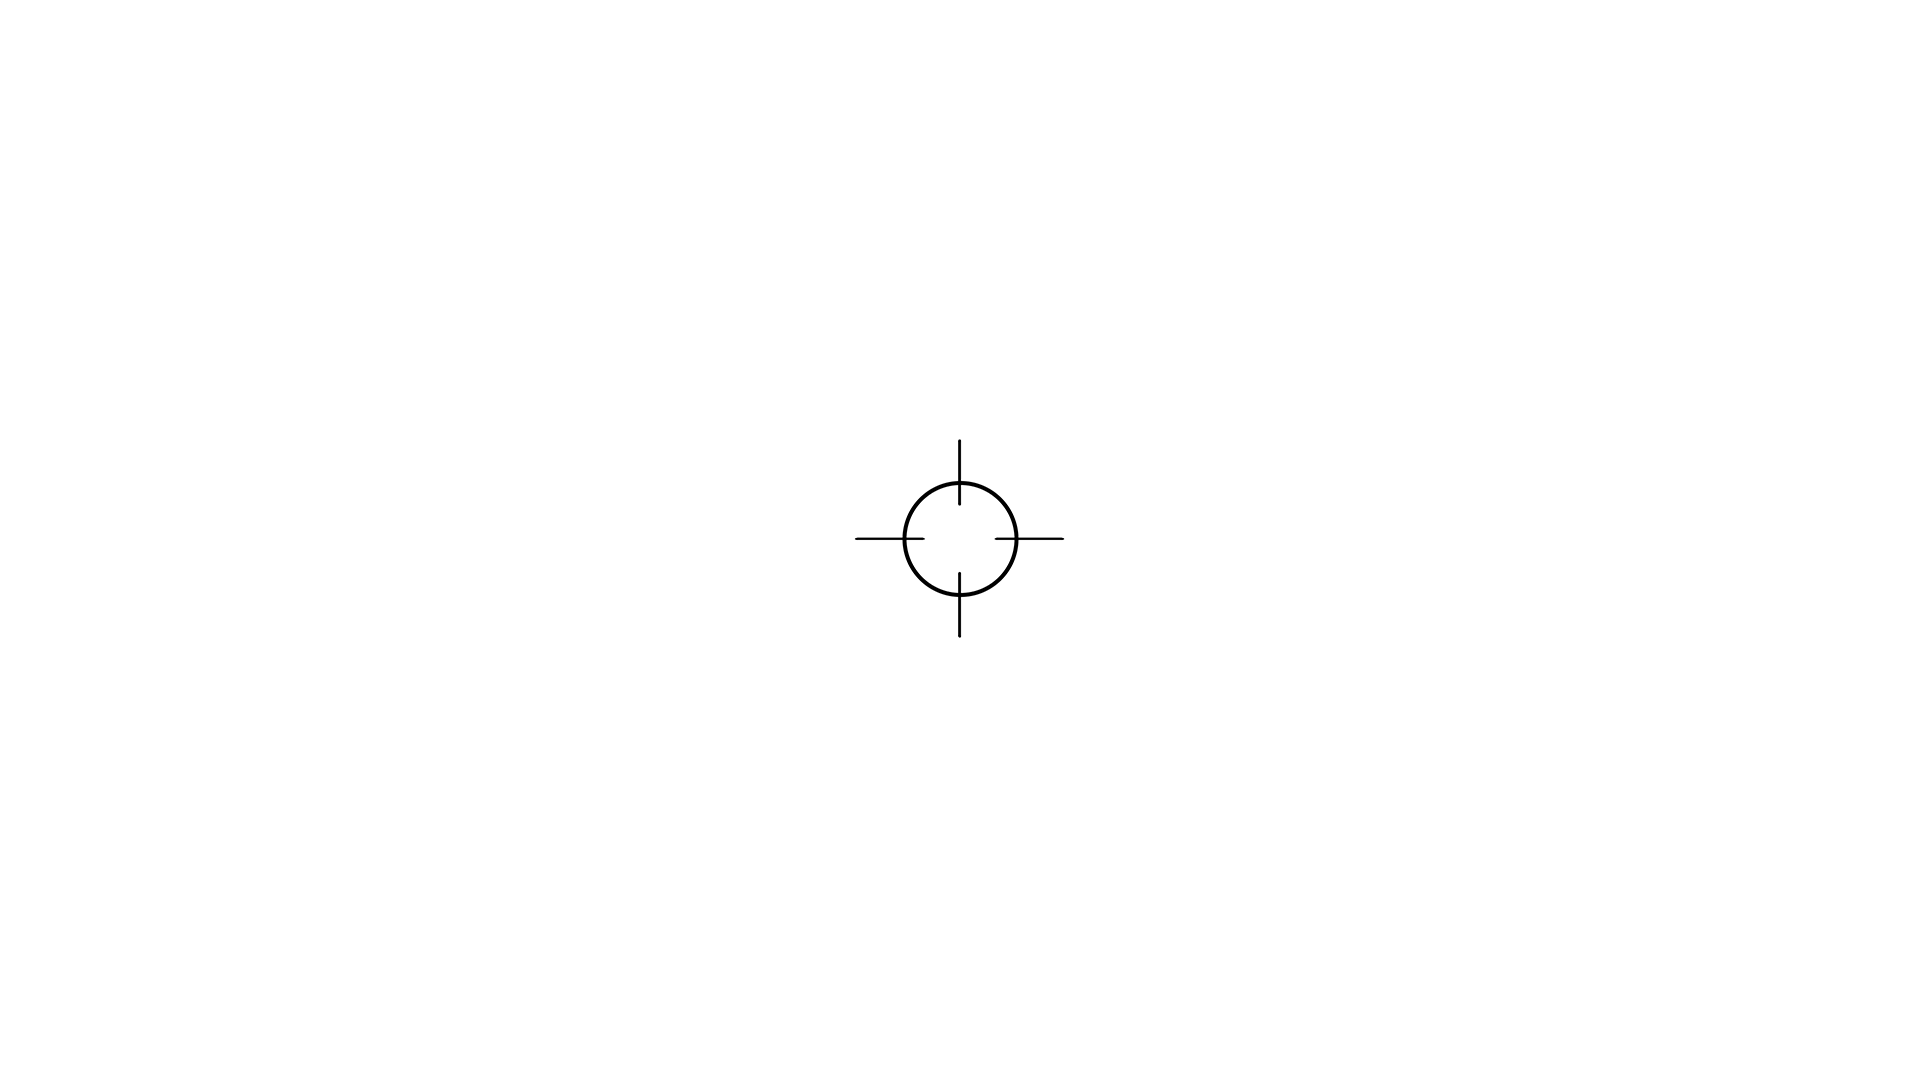 Crosshair04.png